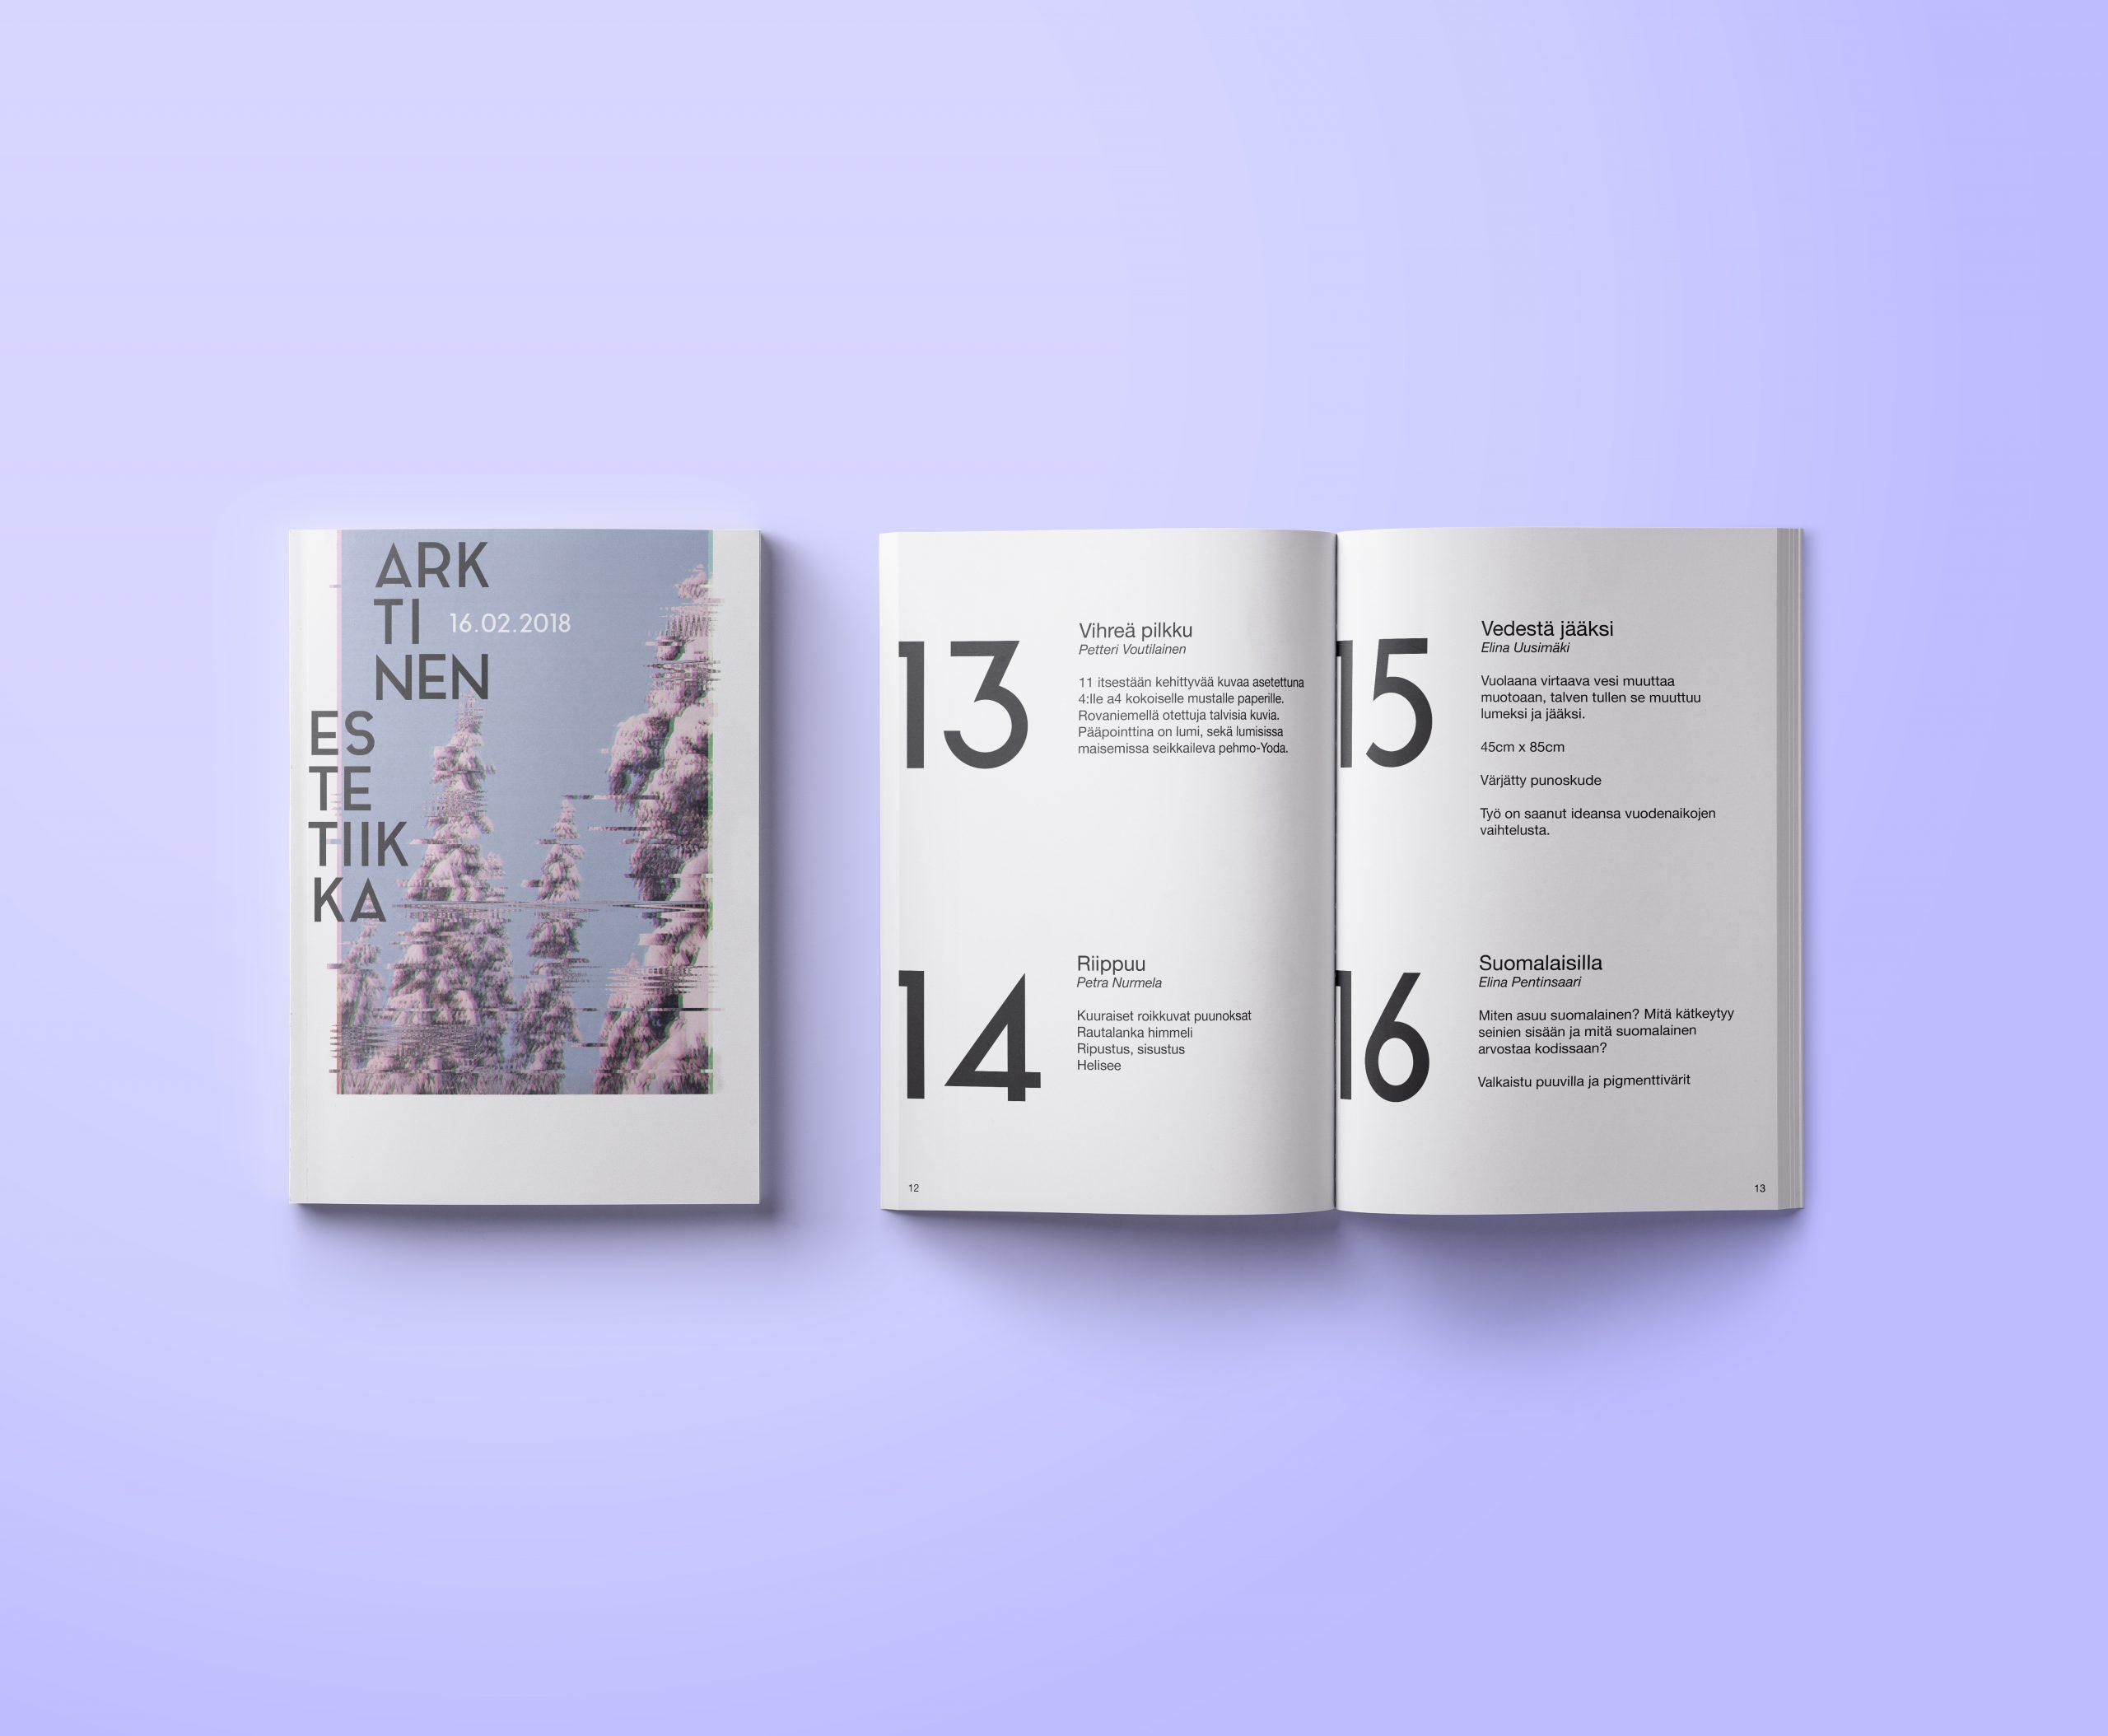 PALEDESIGN_Arktinen_Estetiikka_katalogi